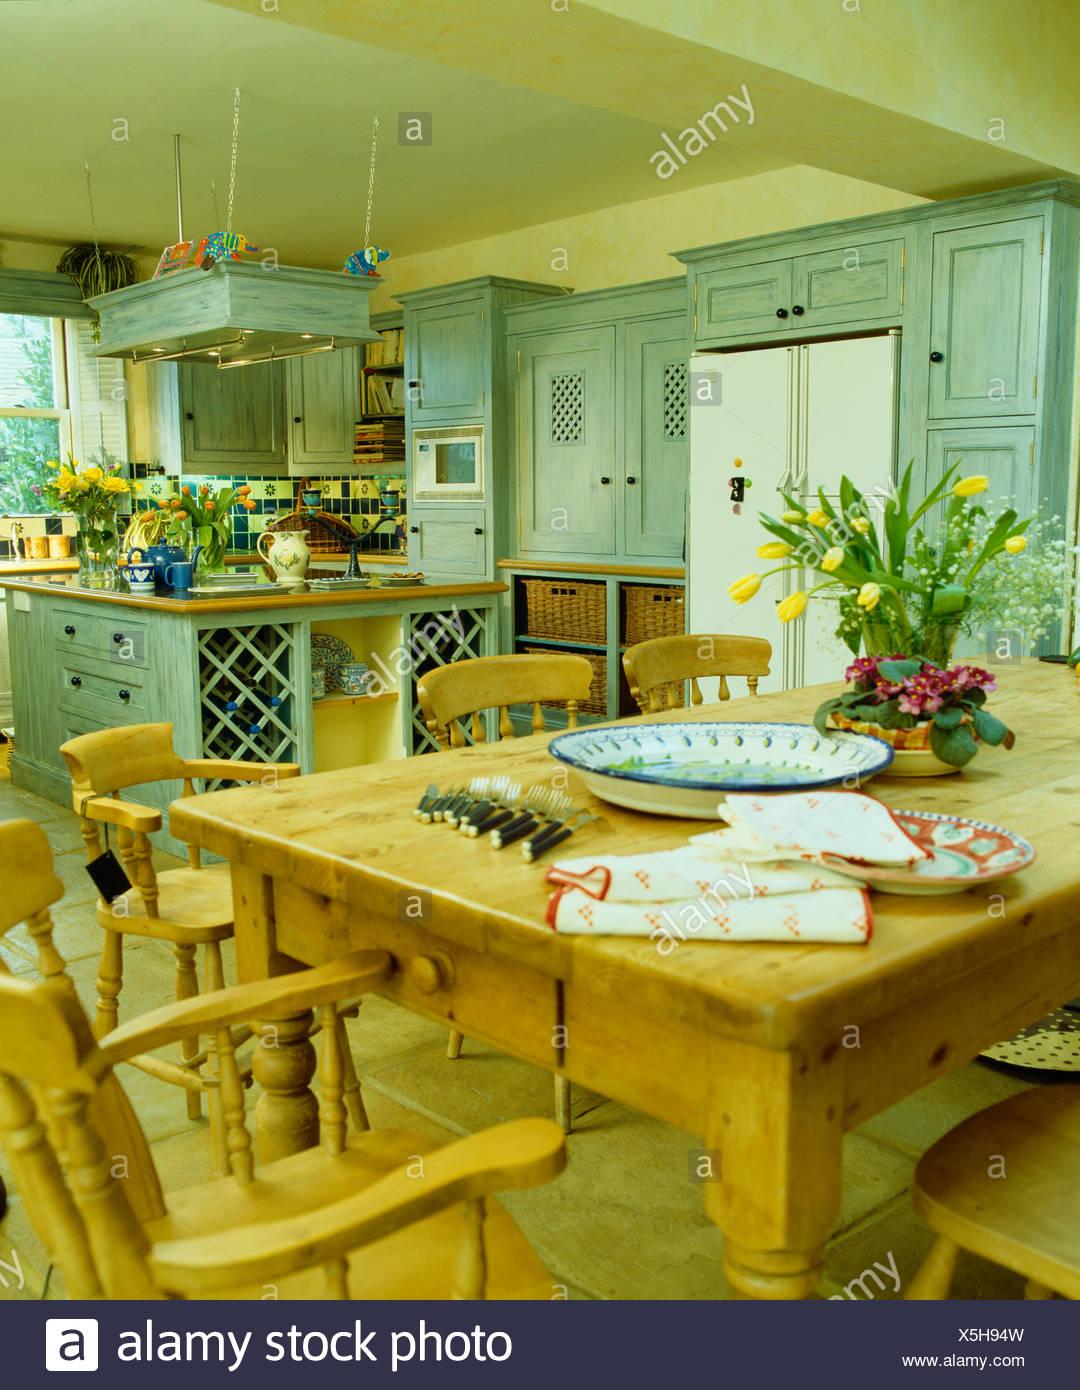 Tolle Deko Ideen Alte Bauernküche Fotos - Küche Set Ideen ...